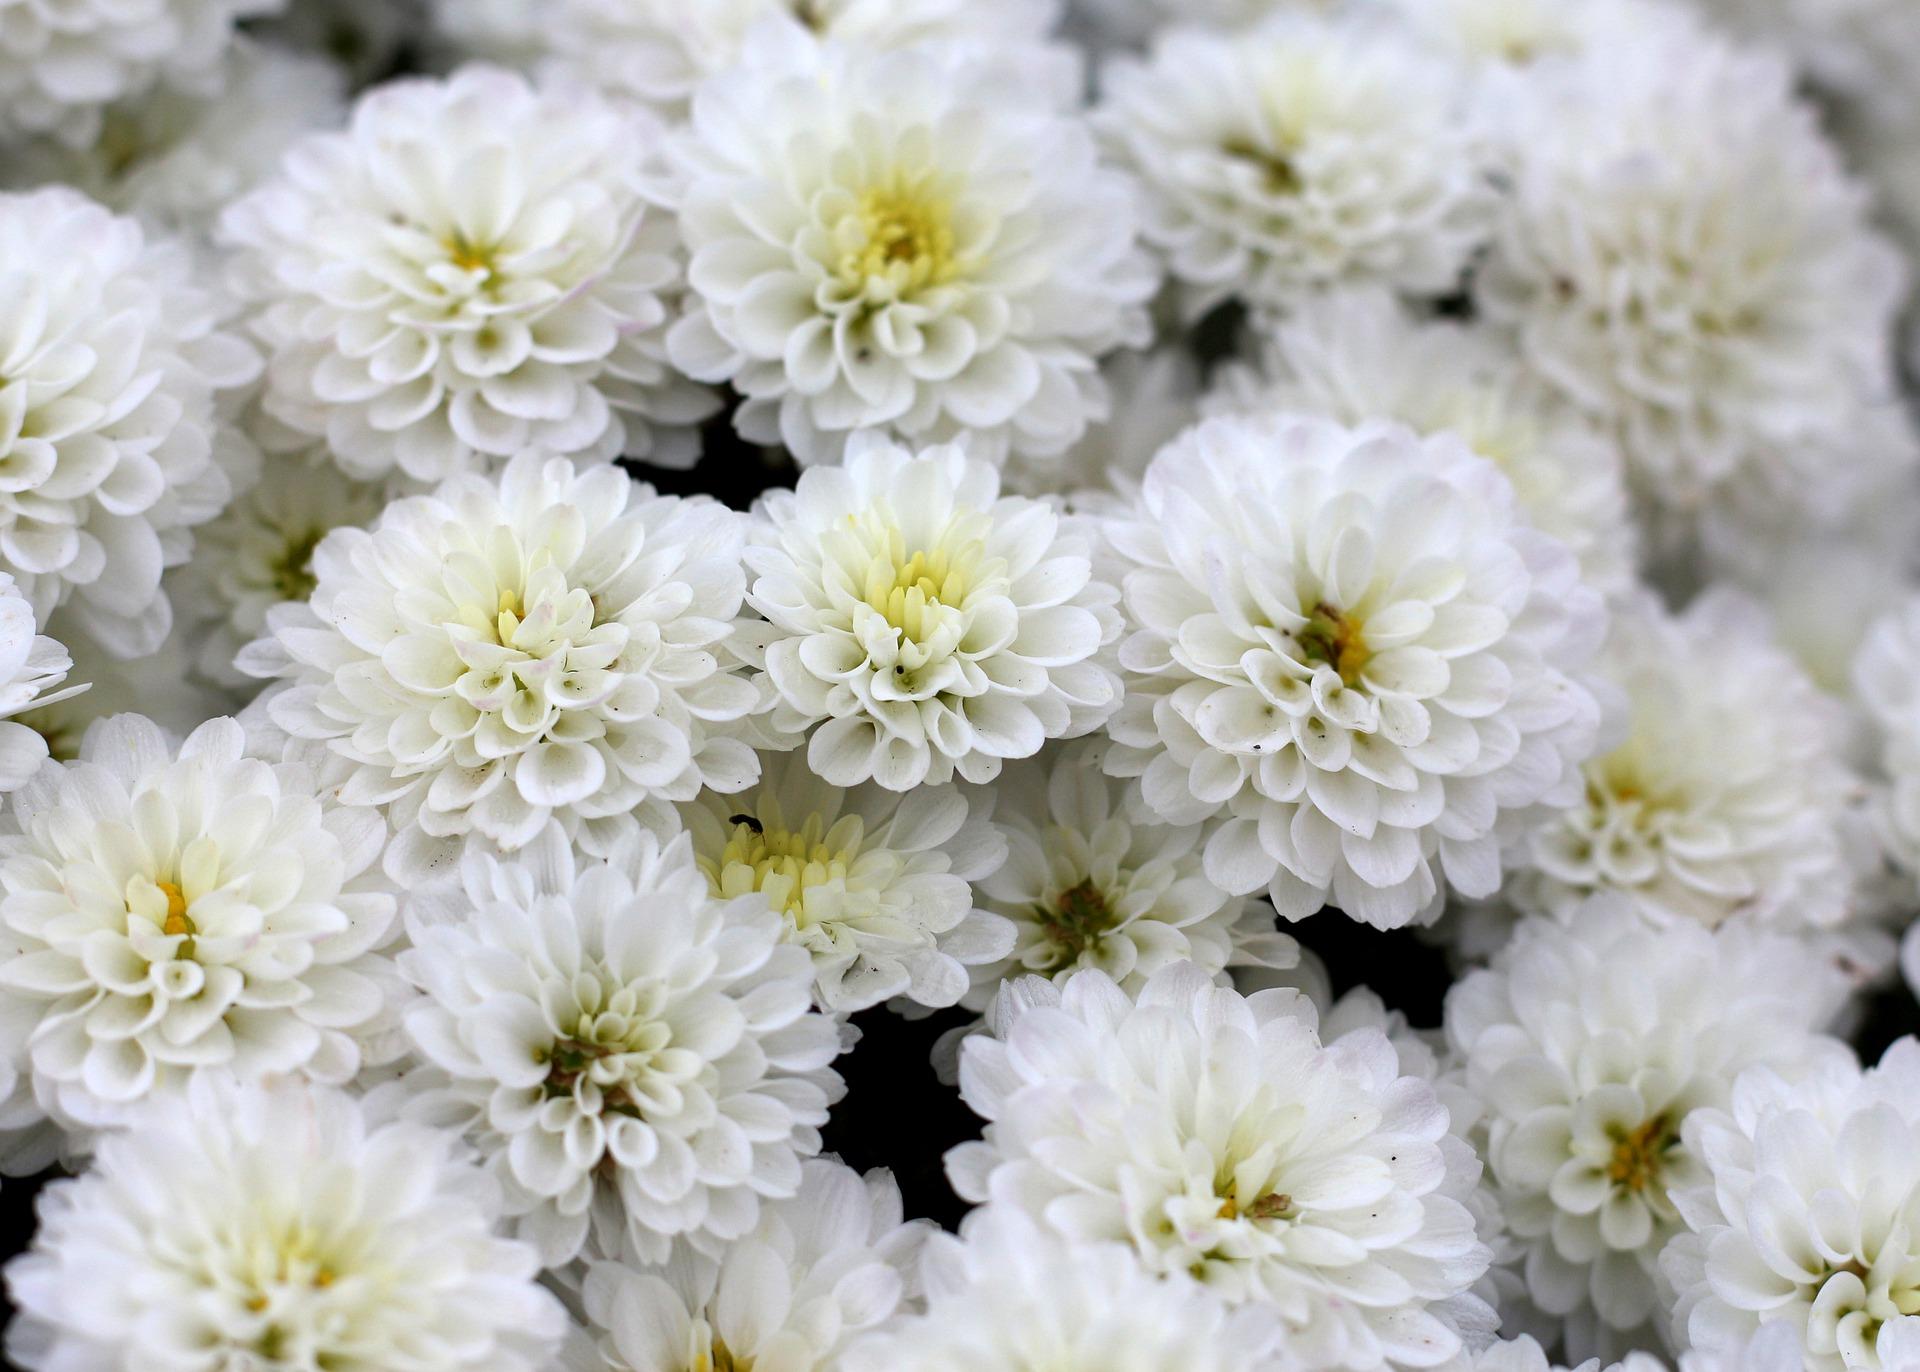 PurpleOwl white chrysanthemum